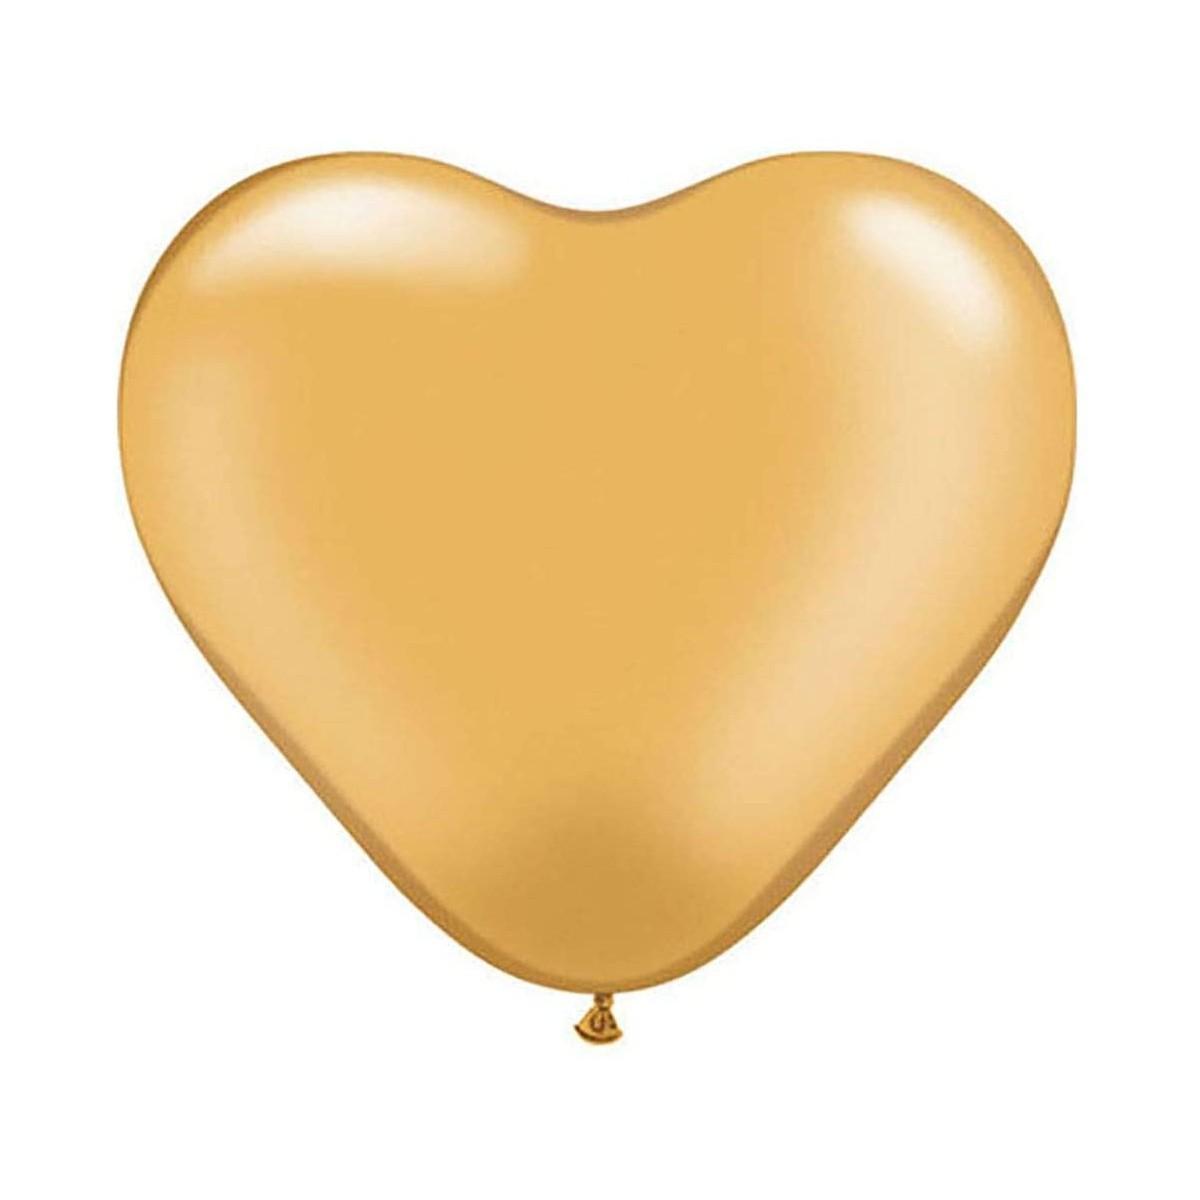 Palloncino forma cuore, colore oro, da 15 cm, in alluminio, per feste